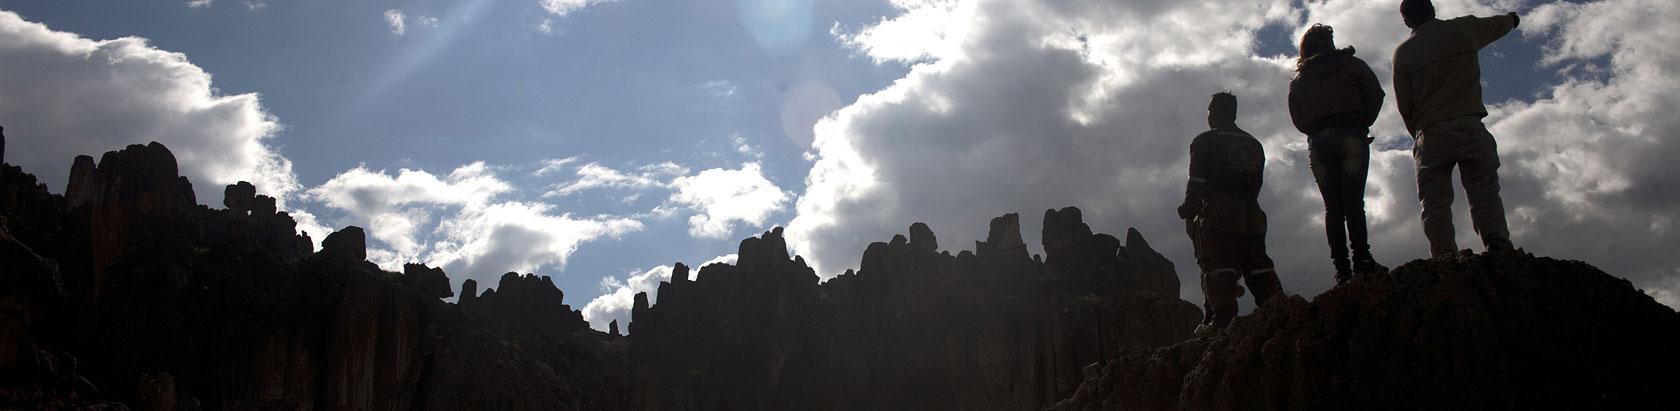 Bosque de Piedras de Huayllay © Daniel Silva / PromPerú